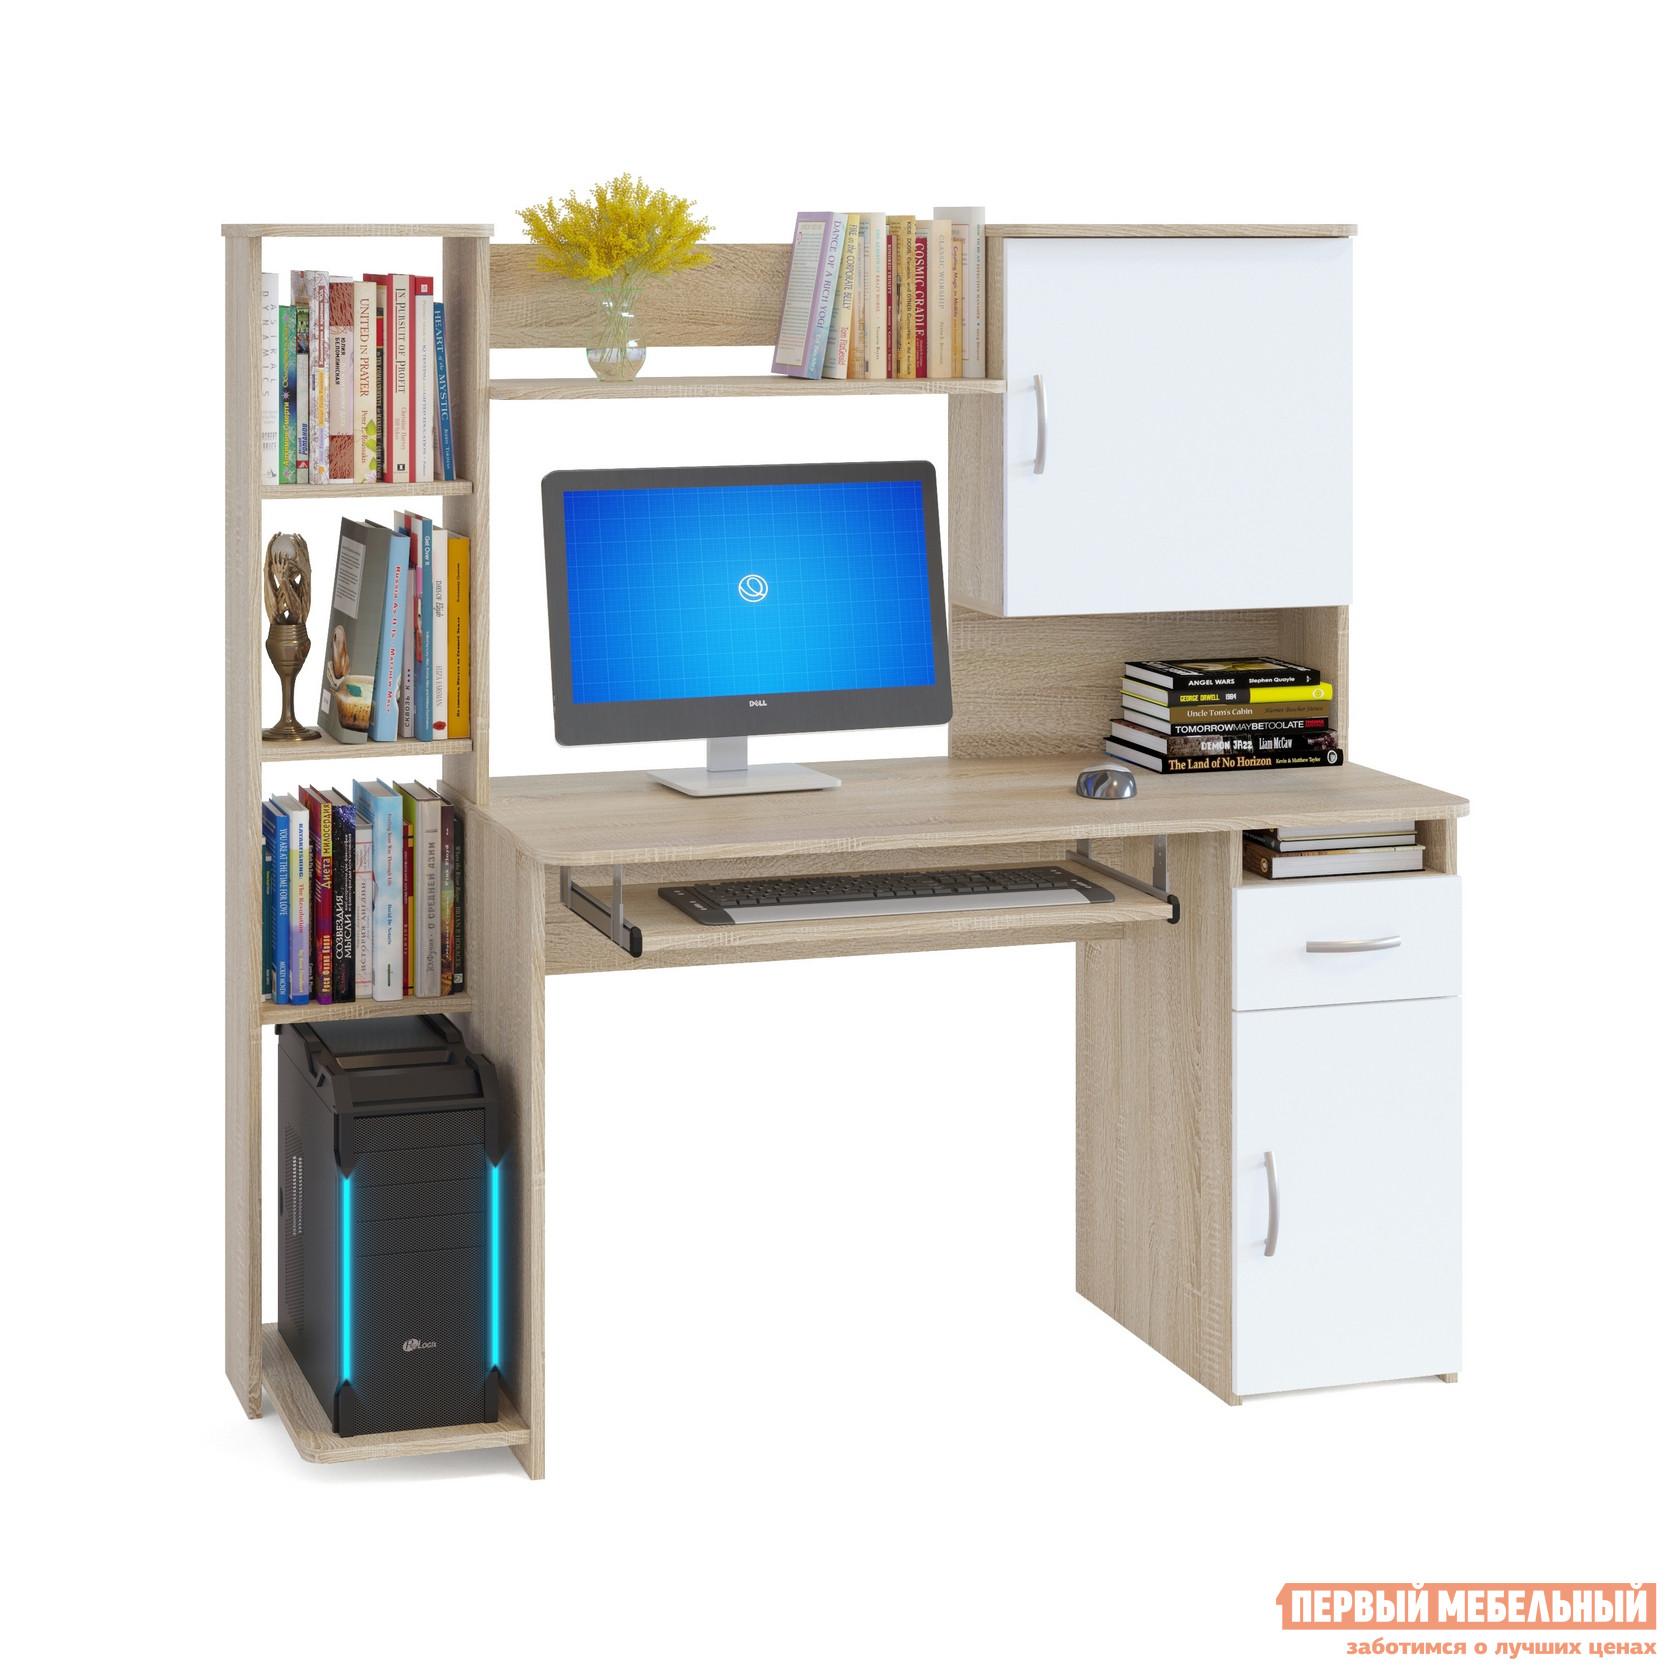 """Компьютерный стол Сокол КСТ-11.1 Дуб Сонома / БелыйКомпьютерные столы<br>Габаритные размеры ВхШхГ 1444x1486x600 мм. Удобный компьютерный стол с большим количеством полок.  Такое решение прекрасно подойдет для организации места для учебы.  В боковом стеллаже на нижней полке можно удобно разместить системный блок.  За распашными дверками также находятся полки.  Стол оборудован выдвижным ящиком и полкой для клавиатуры, которую можно не устанавливать, если вы планируете работать за ноутбуком. Высота полки под системный блок – 404 мм, Проем под монитор — 442 х 688 мм (под монитор 20""""). Изделие универсальное при сборке - блок со стеллажом и блок с закрытыми полками можно расположить с любой стороны. Столешница изготовлена из ЛДСП отечественного производства толщиной 16 мм, отделана кромкой ПВХ 2 мм.  Рекомендуем сохранить инструкцию по сборке (паспорт изделия) до истечения гарантийного срока.<br><br>Цвет: Белый<br>Цвет: Светлое дерево<br>Высота мм: 1444<br>Ширина мм: 1486<br>Глубина мм: 600<br>Кол-во упаковок: 2<br>Форма поставки: В разобранном виде<br>Срок гарантии: 2 года<br>Тип: Прямые<br>Материал: Дерево<br>Материал: ЛДСП<br>Размер: Большие<br>С надстройкой: Да<br>С тумбой: Да<br>С полками: Да"""